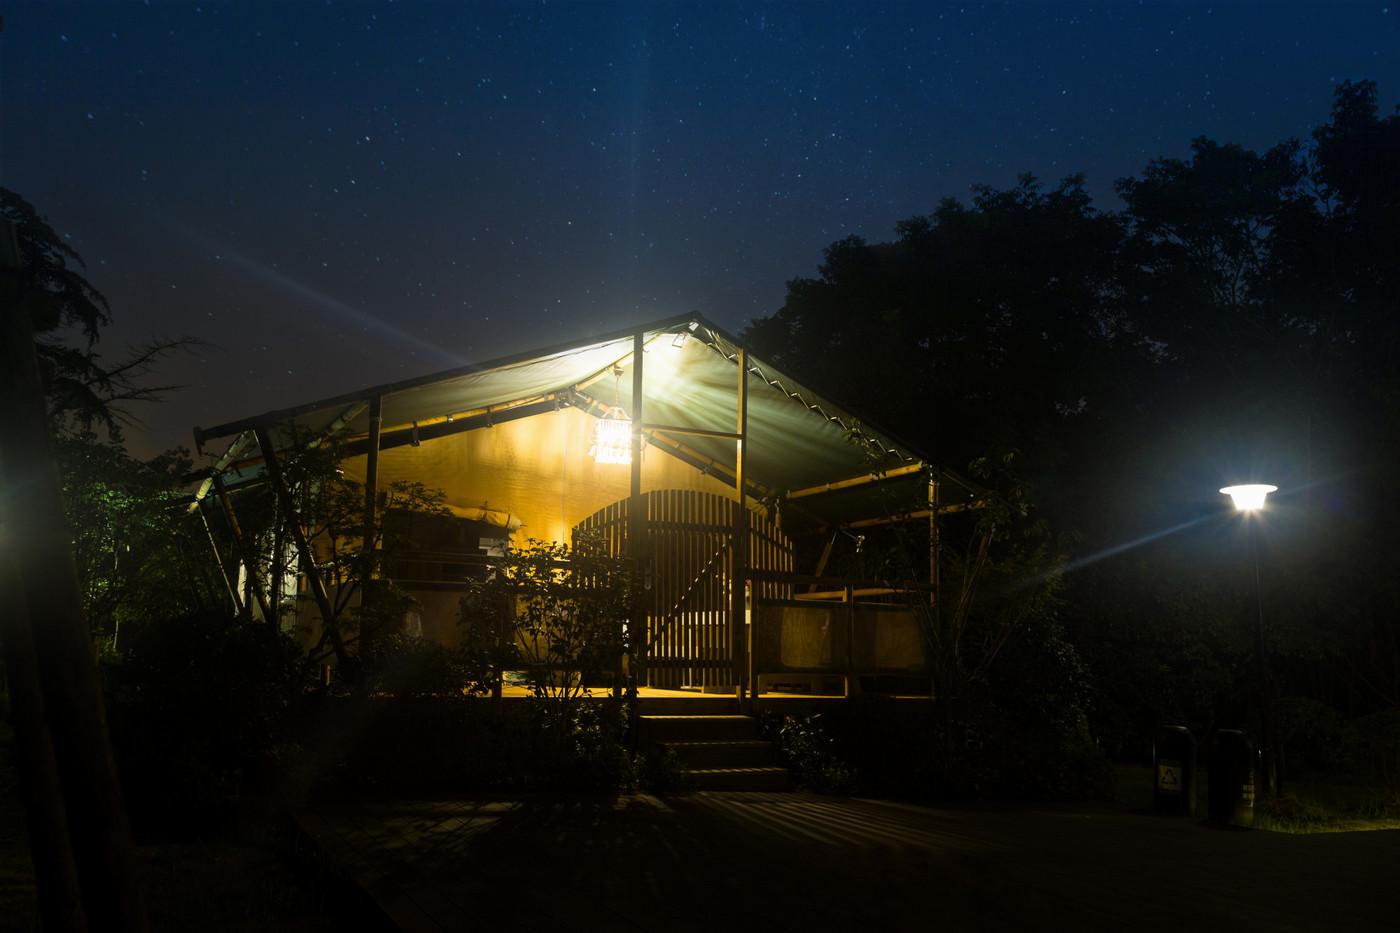 喜马拉雅上海迪士尼邻家营地—家庭房6